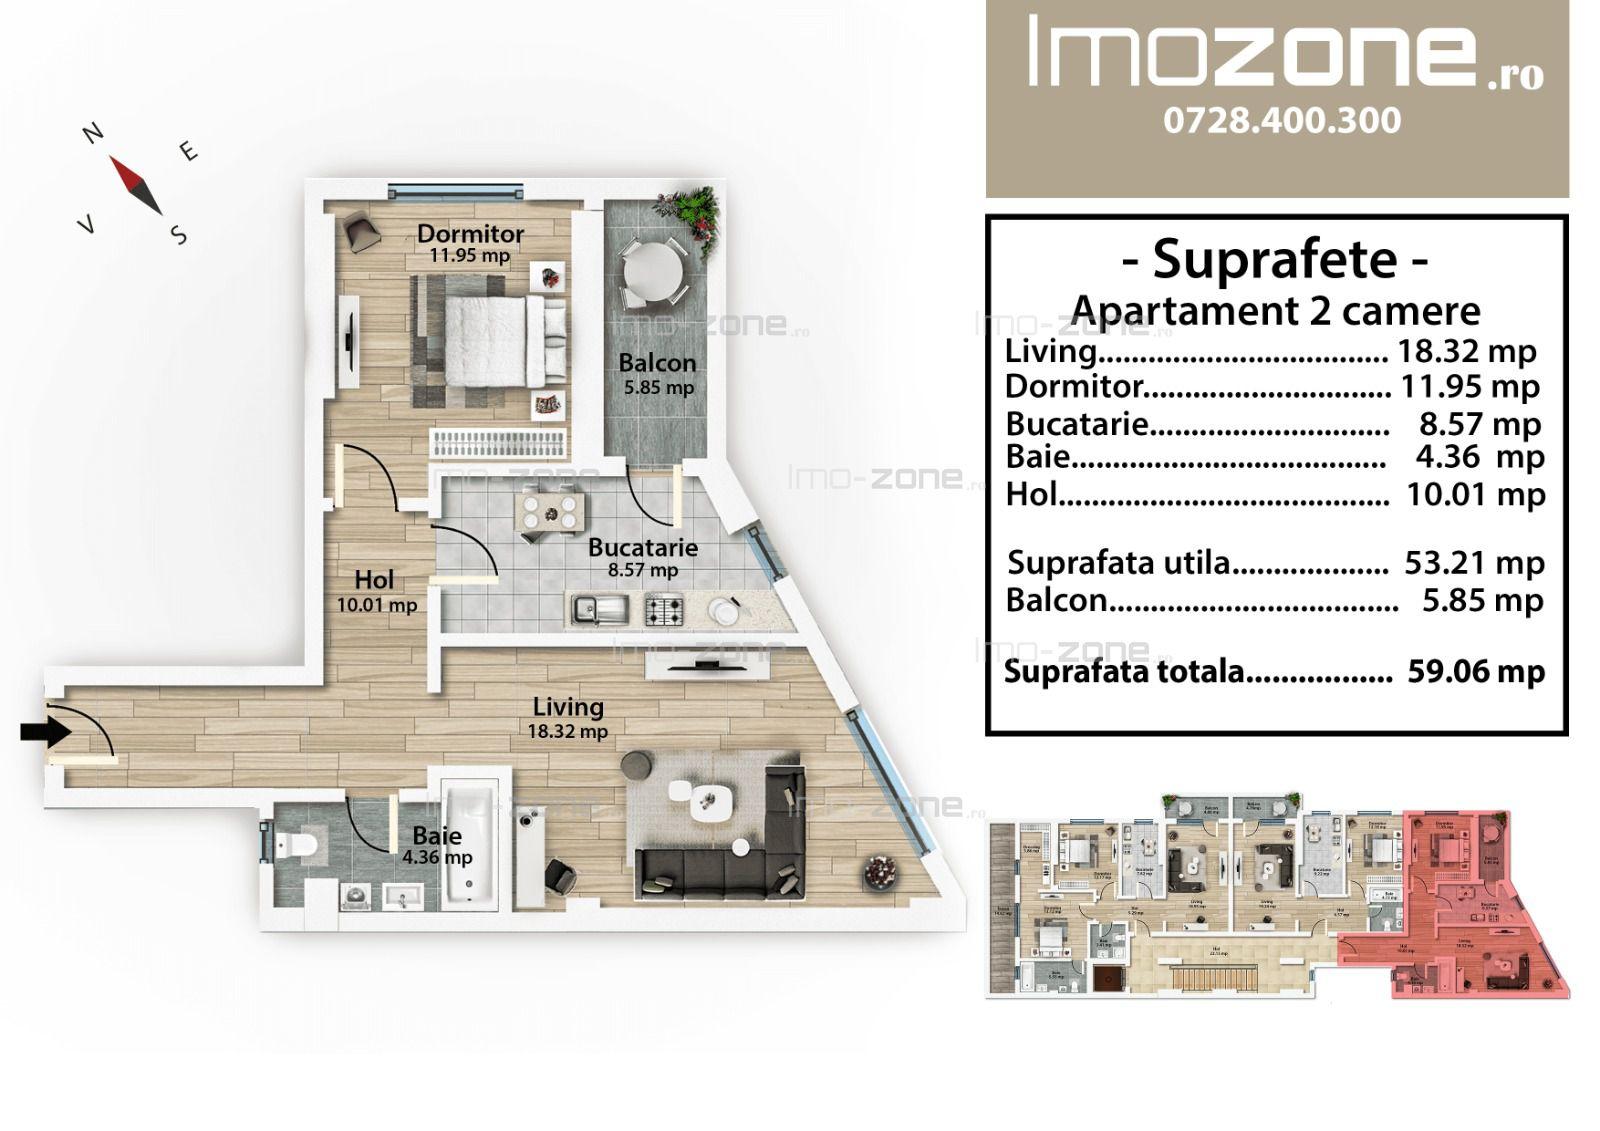 Mall Plaza. ap cu 2 camere, decomandat, etaj 2, baie cu geam, bucatarie inchisa